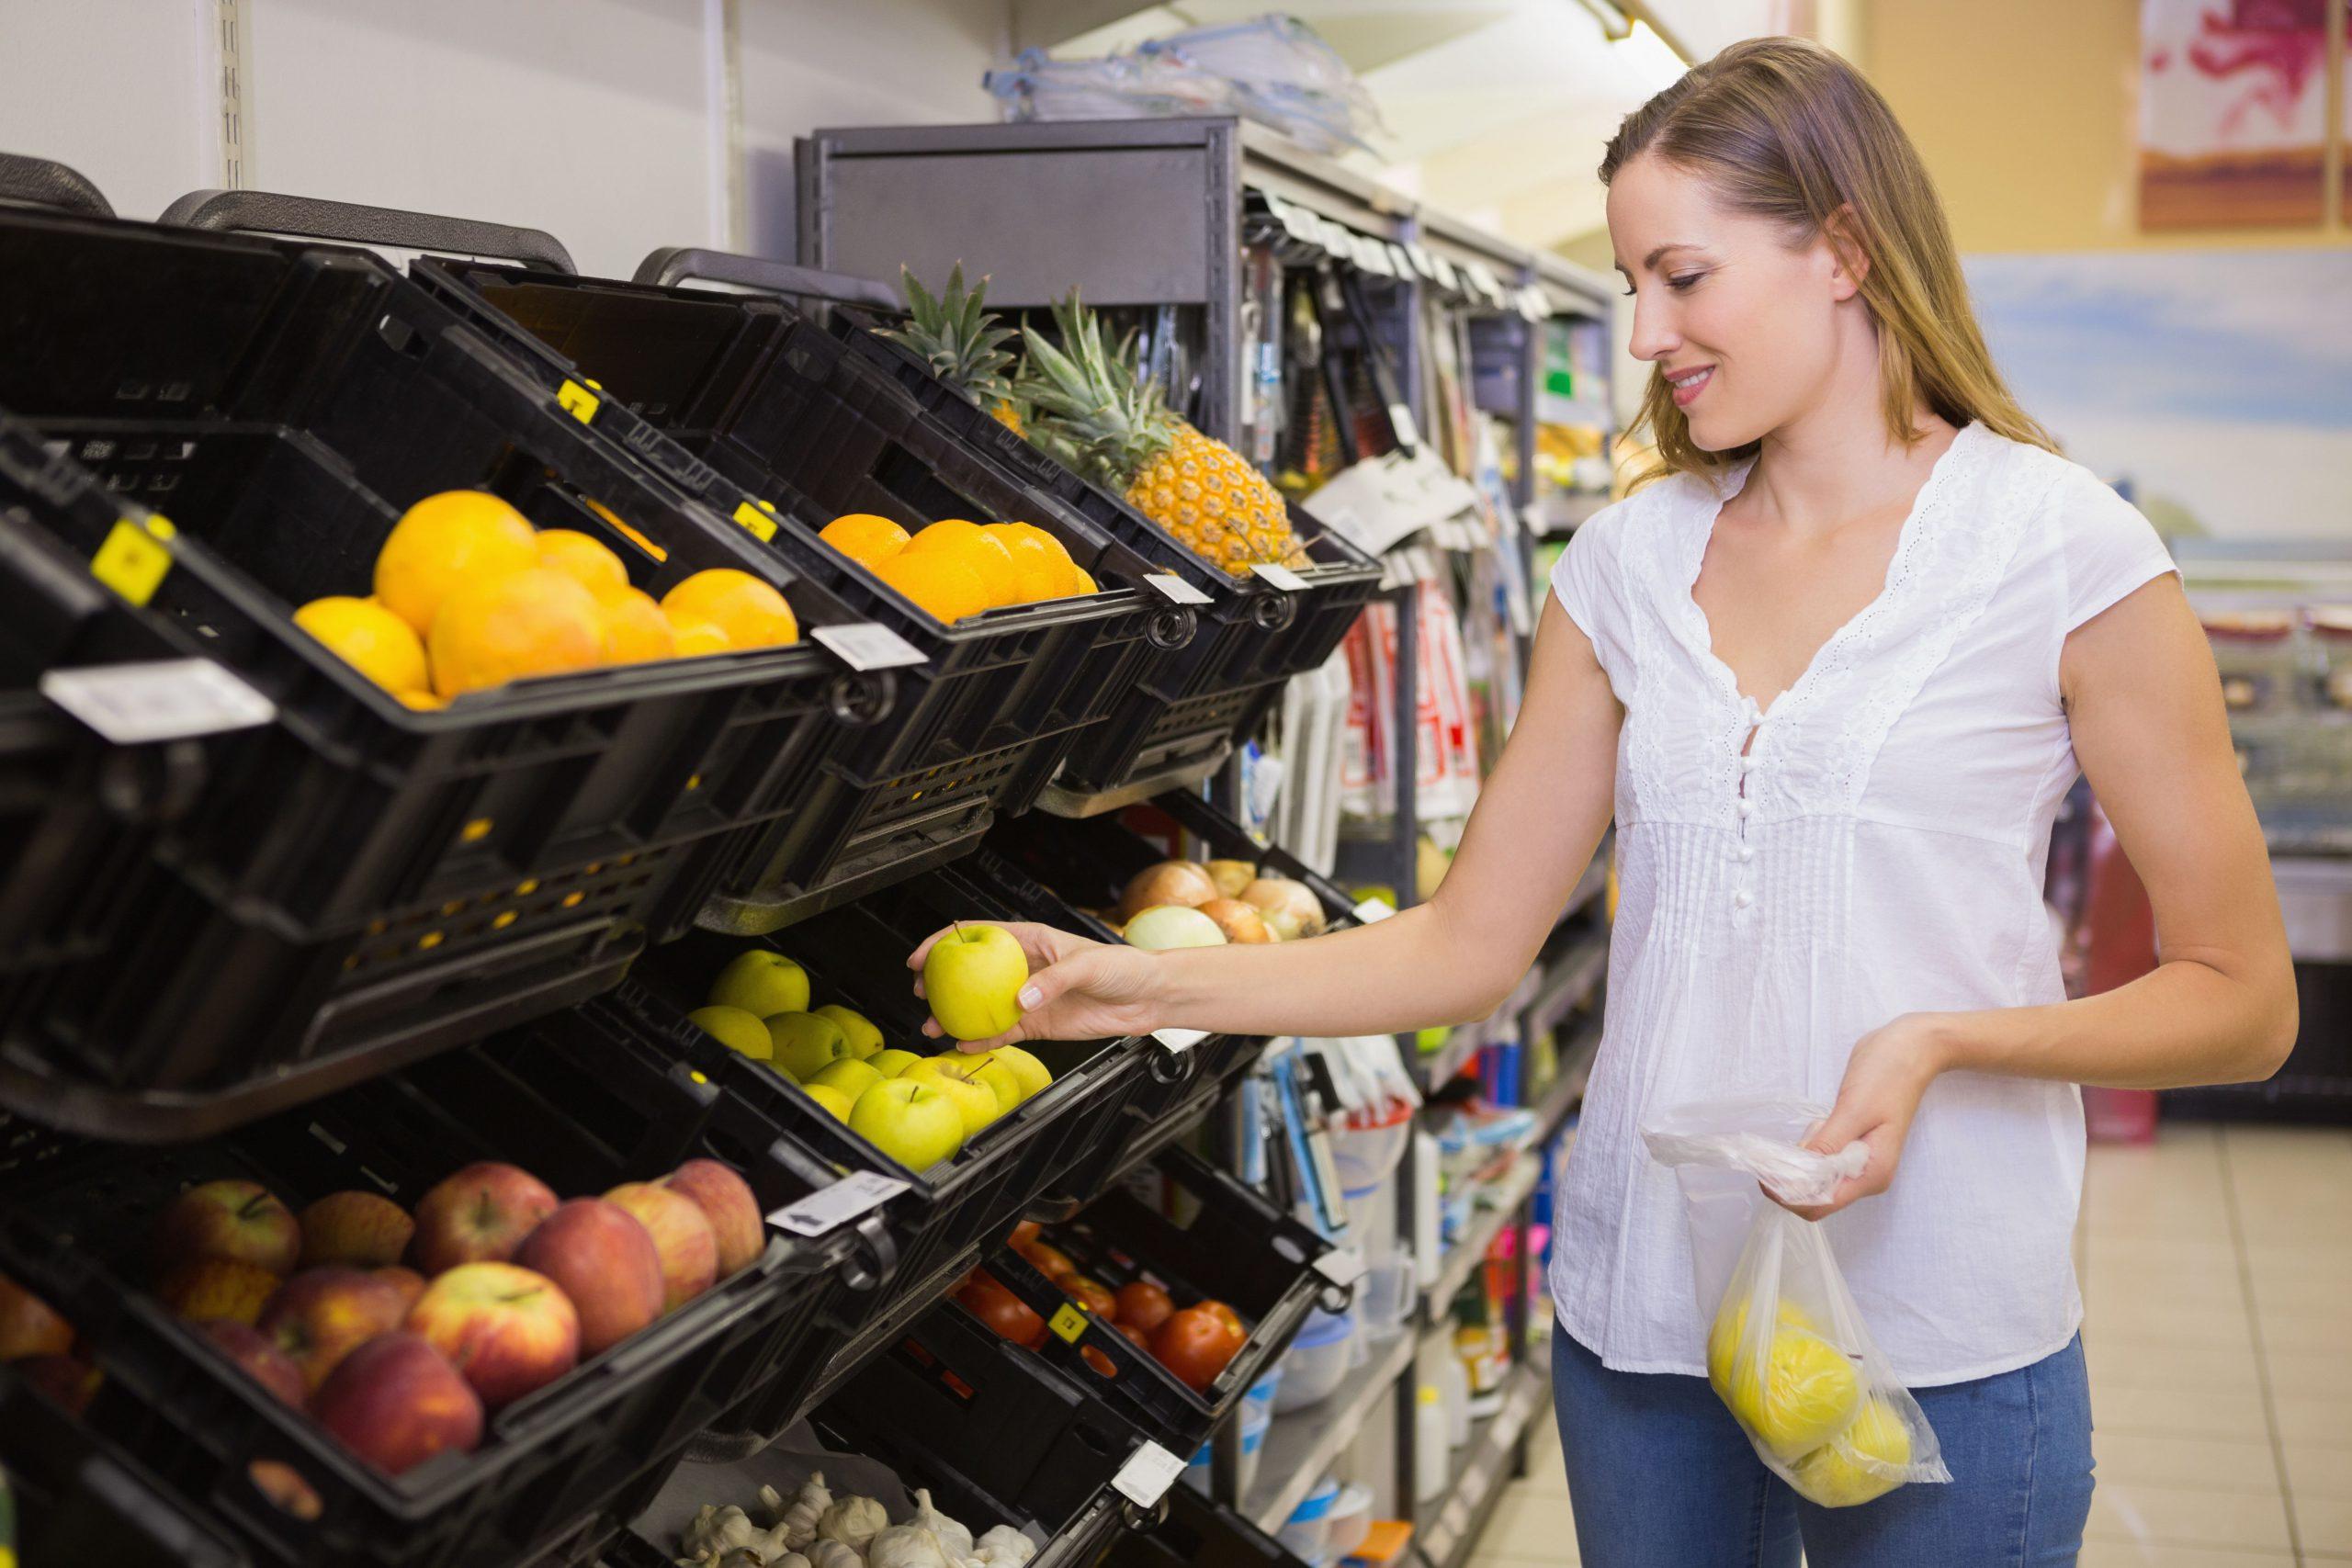 Frau am Obstregal im Supermarkt